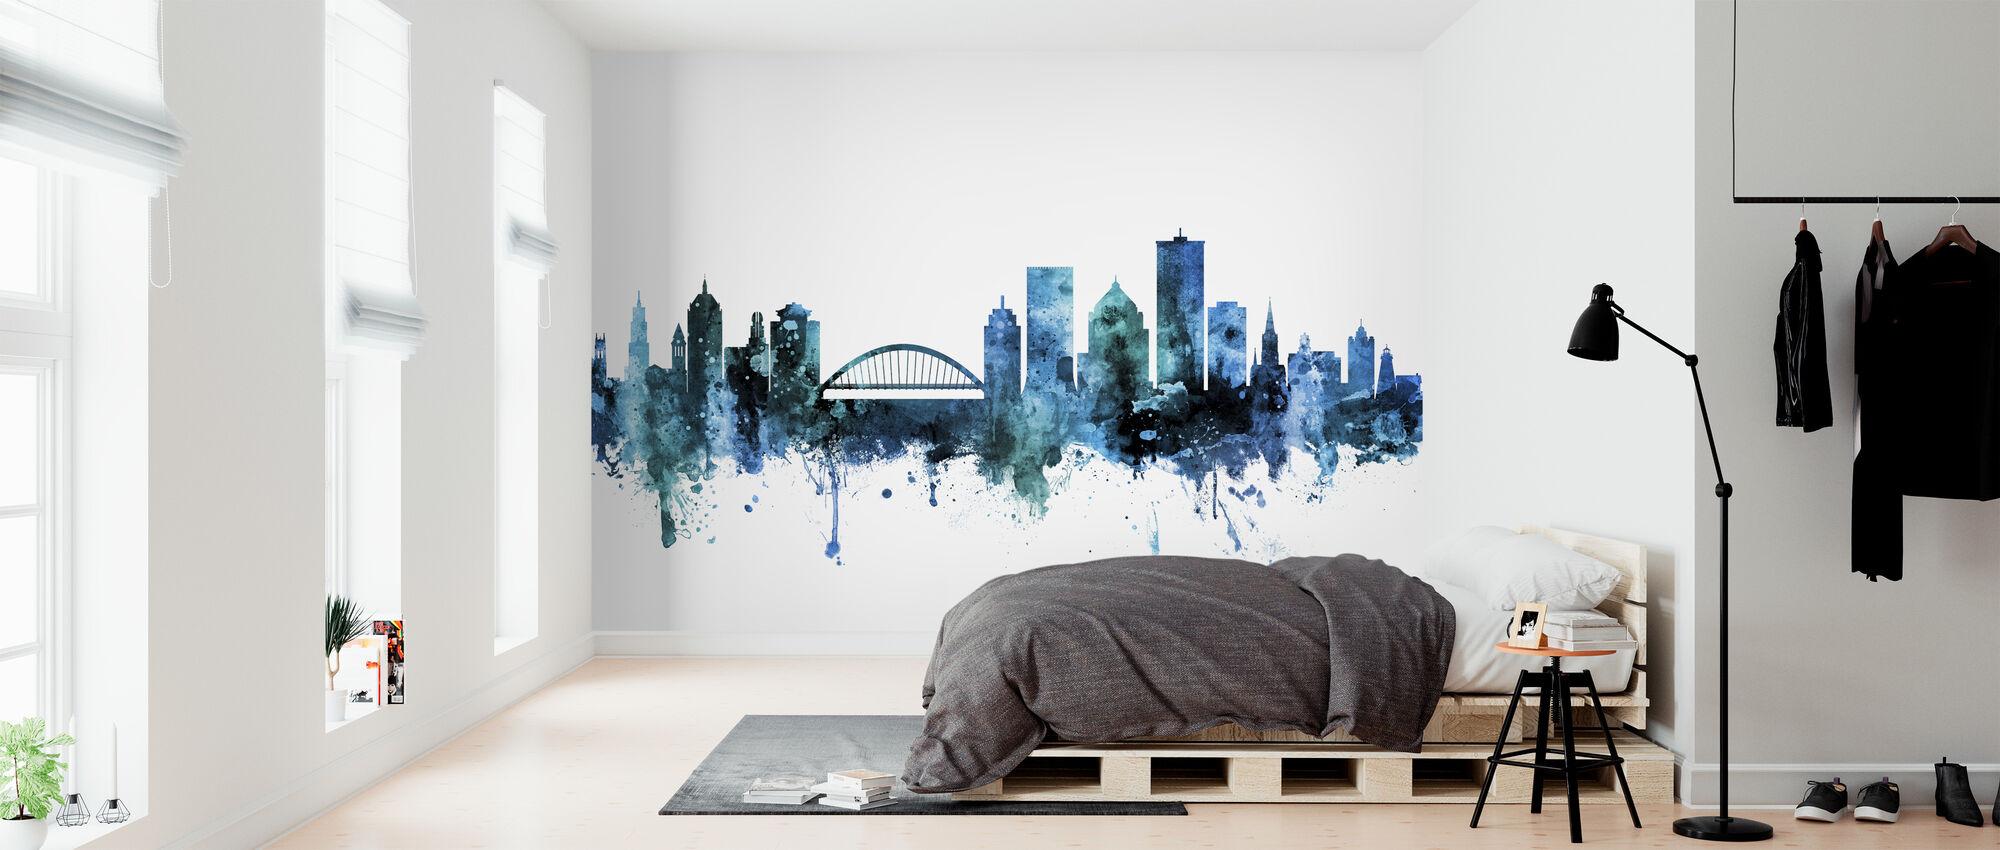 Rochester New York Skyline - Wallpaper - Bedroom